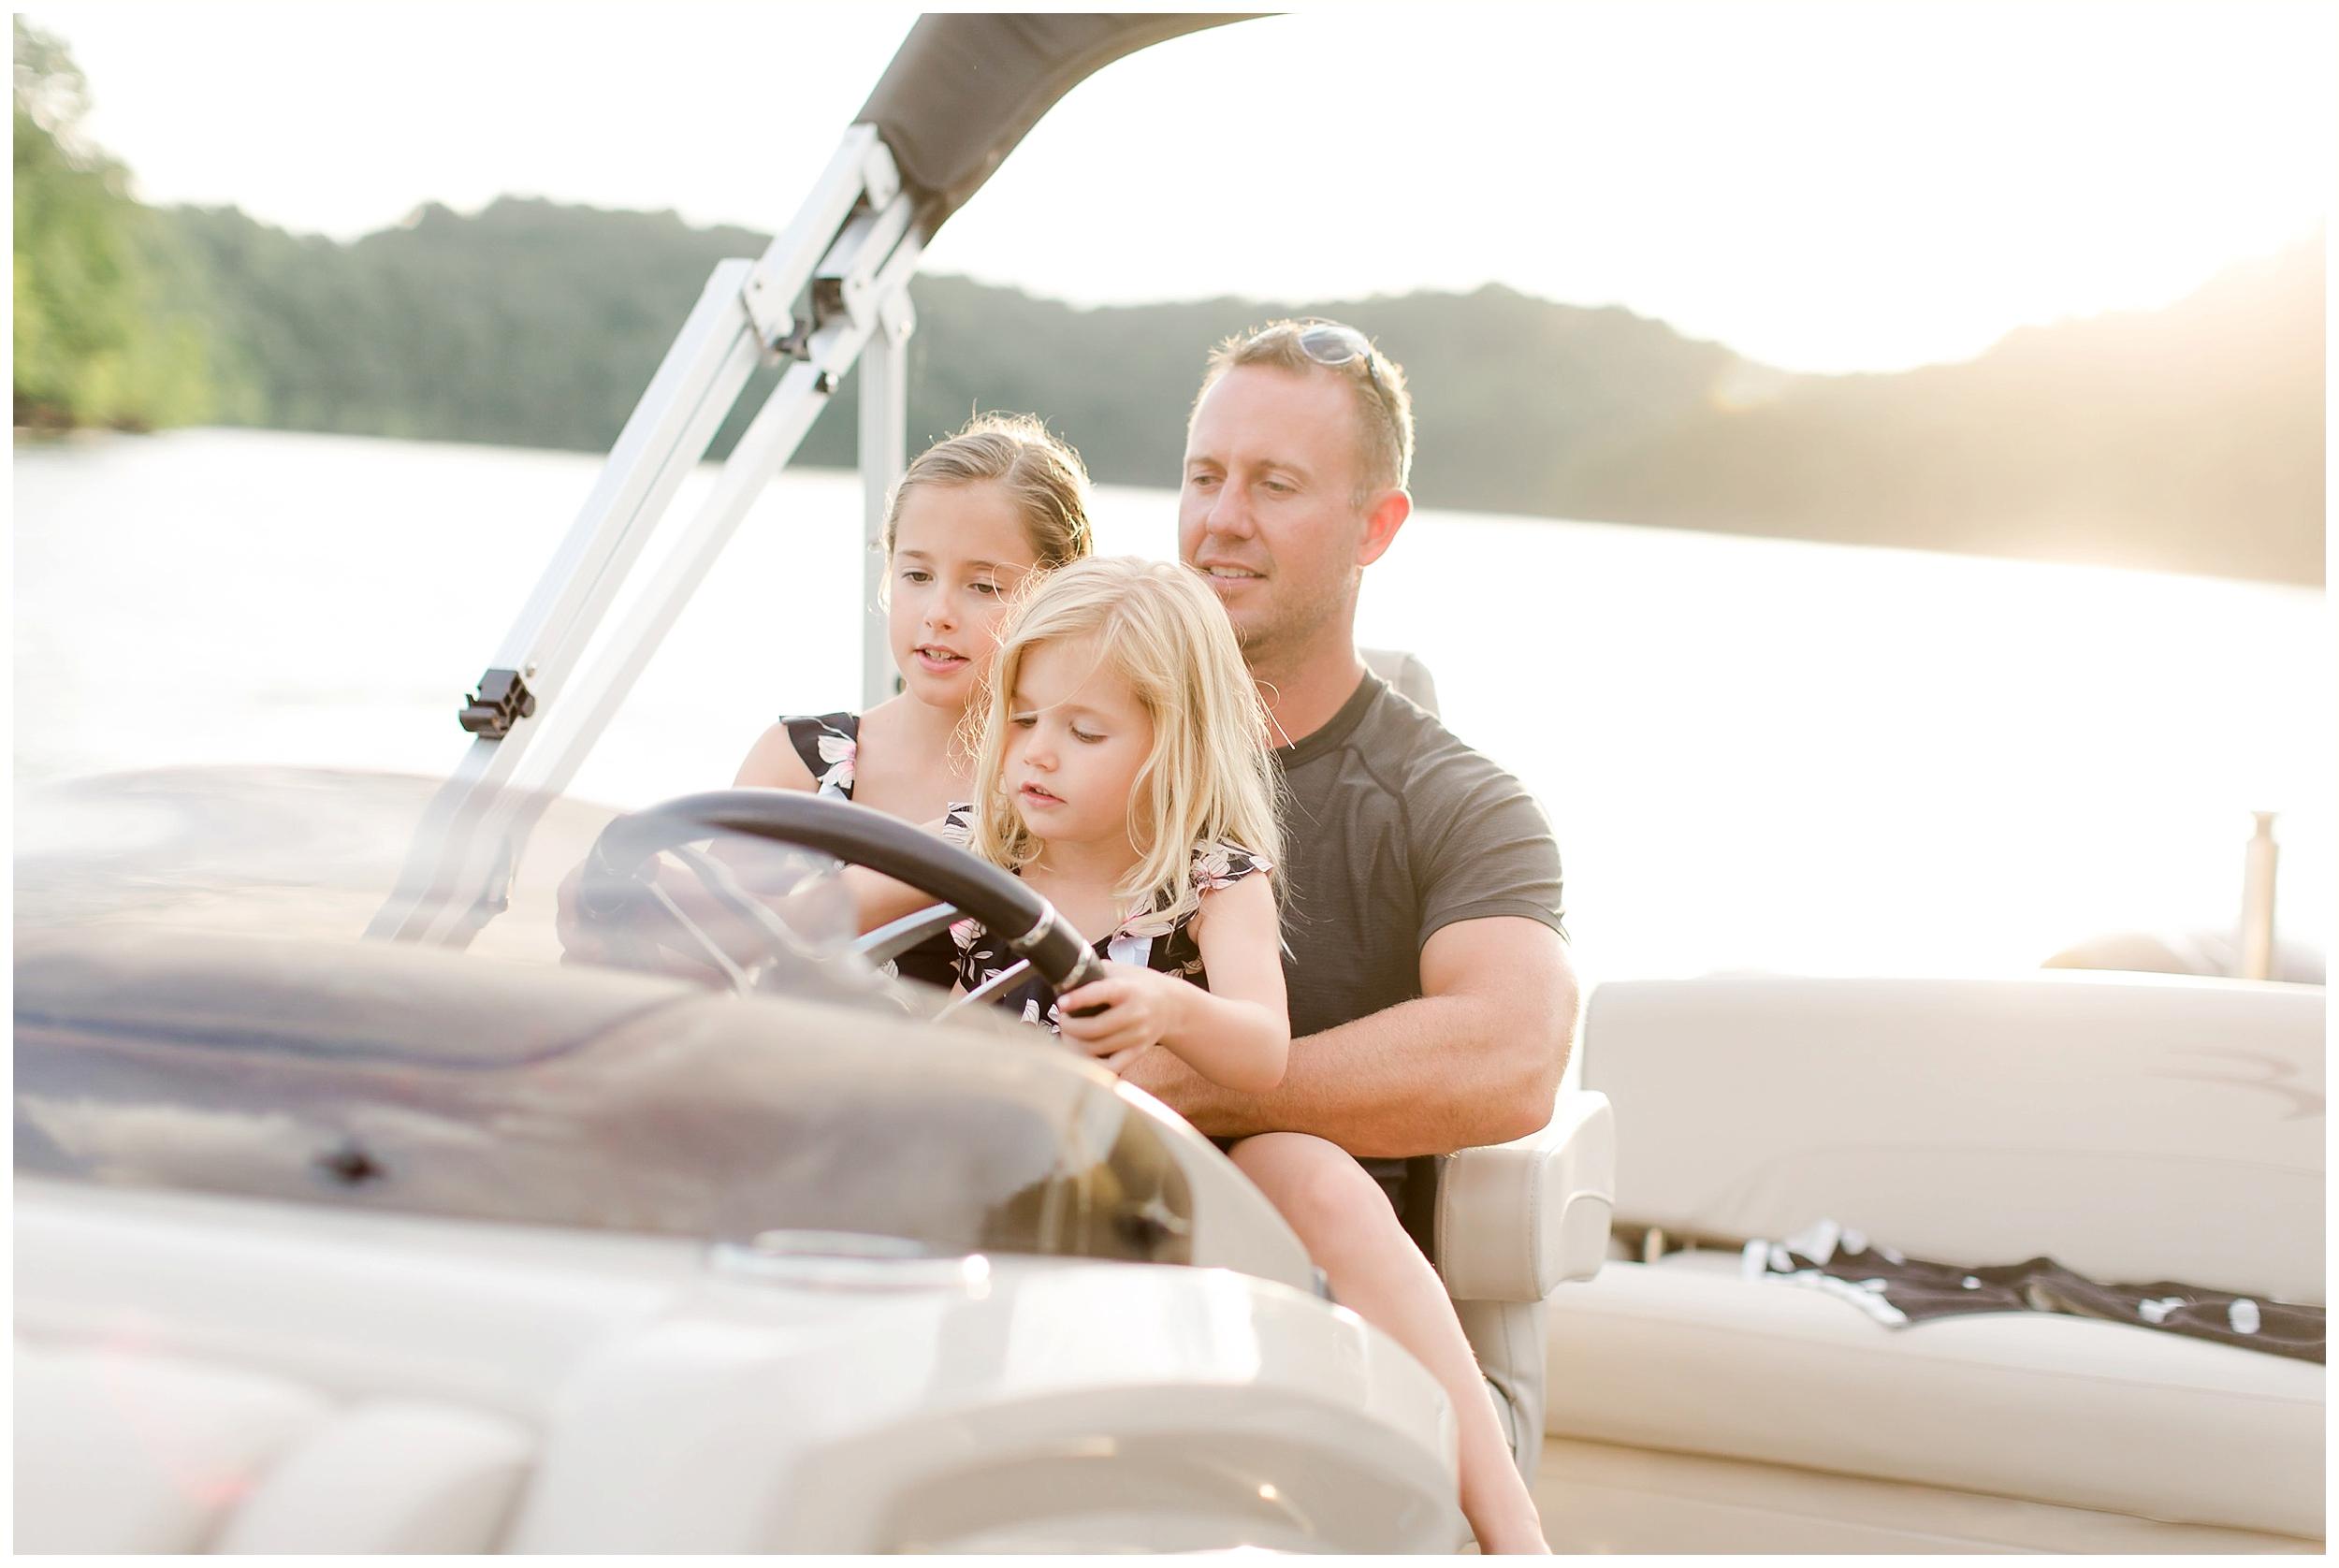 lexington-ky-family-lifestyle-photos-by-priscilla-baierlein_1256.jpg